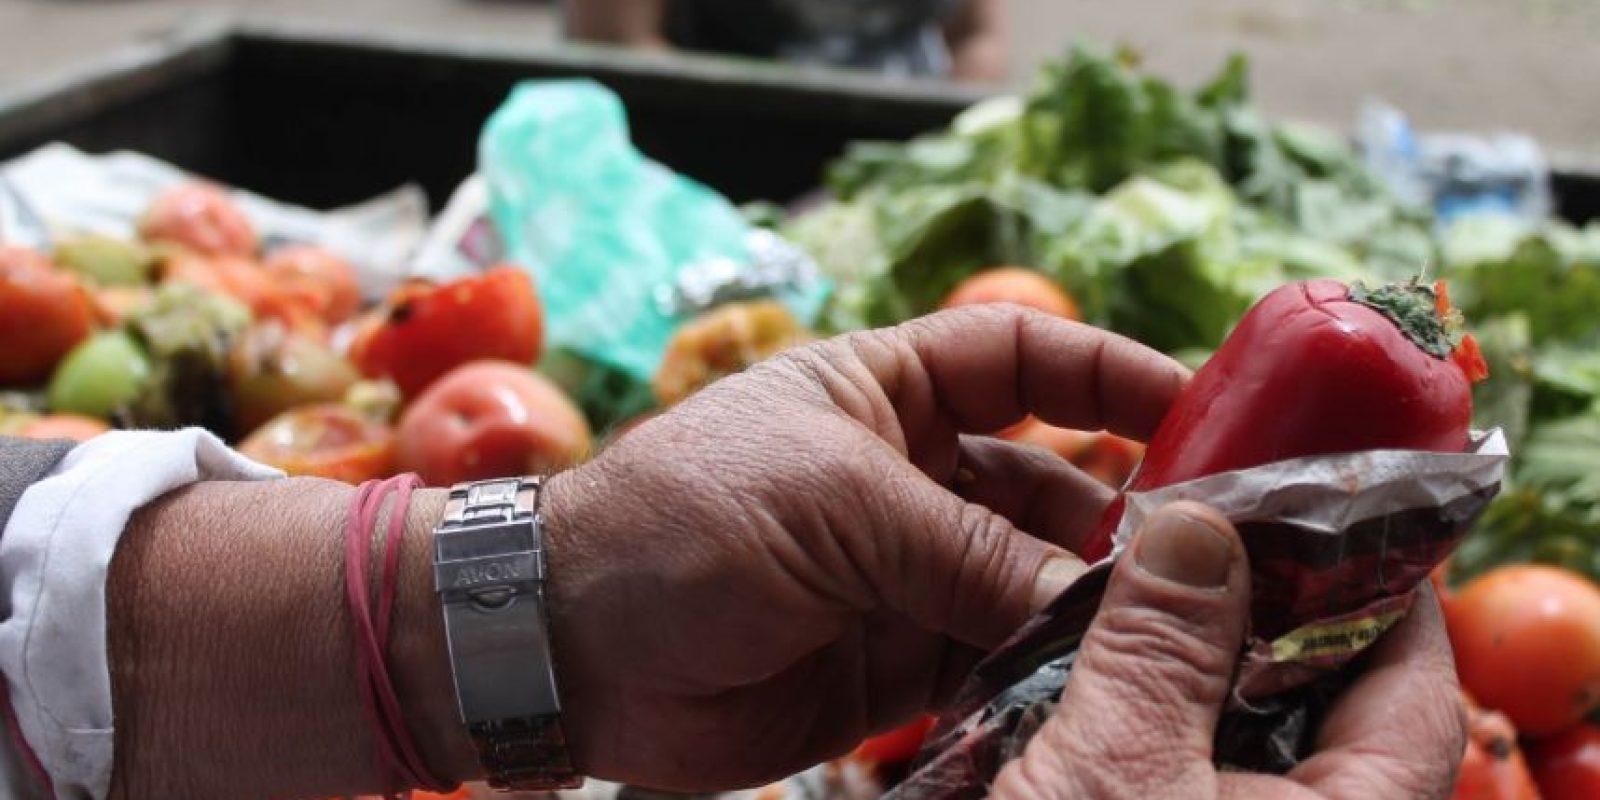 La necesidad lleva a muchas familias a buscar en los contenedores Foto:Sofía Toscano-Publimetro